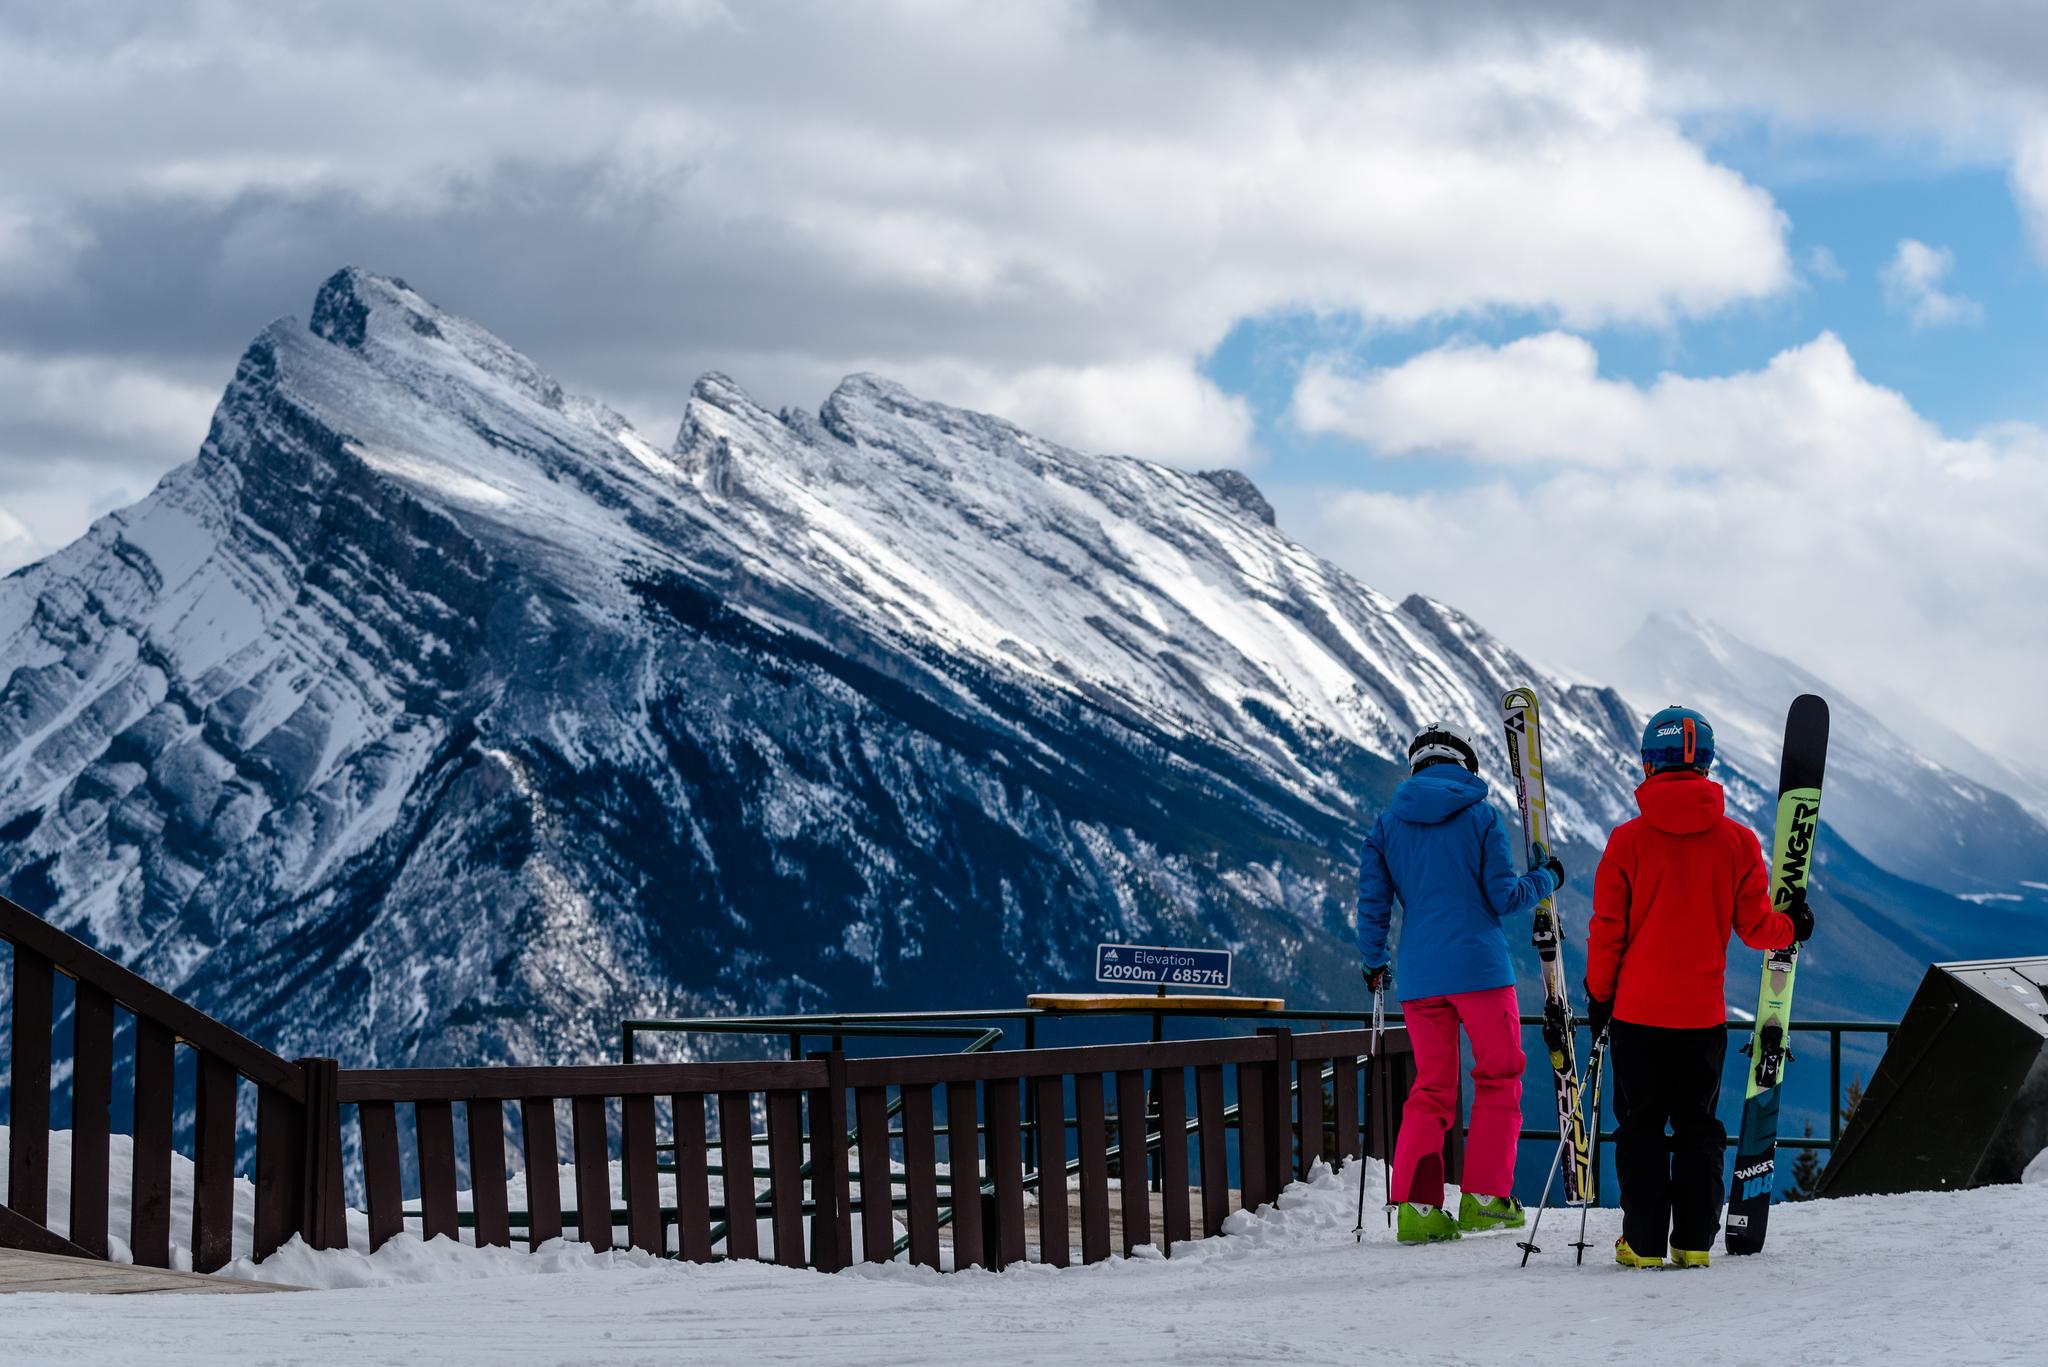 로키 산맥의 중심인 밴프 국립공원에는 세계 최고 수준의 스키장이 여럿 있다. 빅 3 스키장 중 하나로 꼽히는 밴프 노퀘이 리조트. [사진 캐나다관광청]